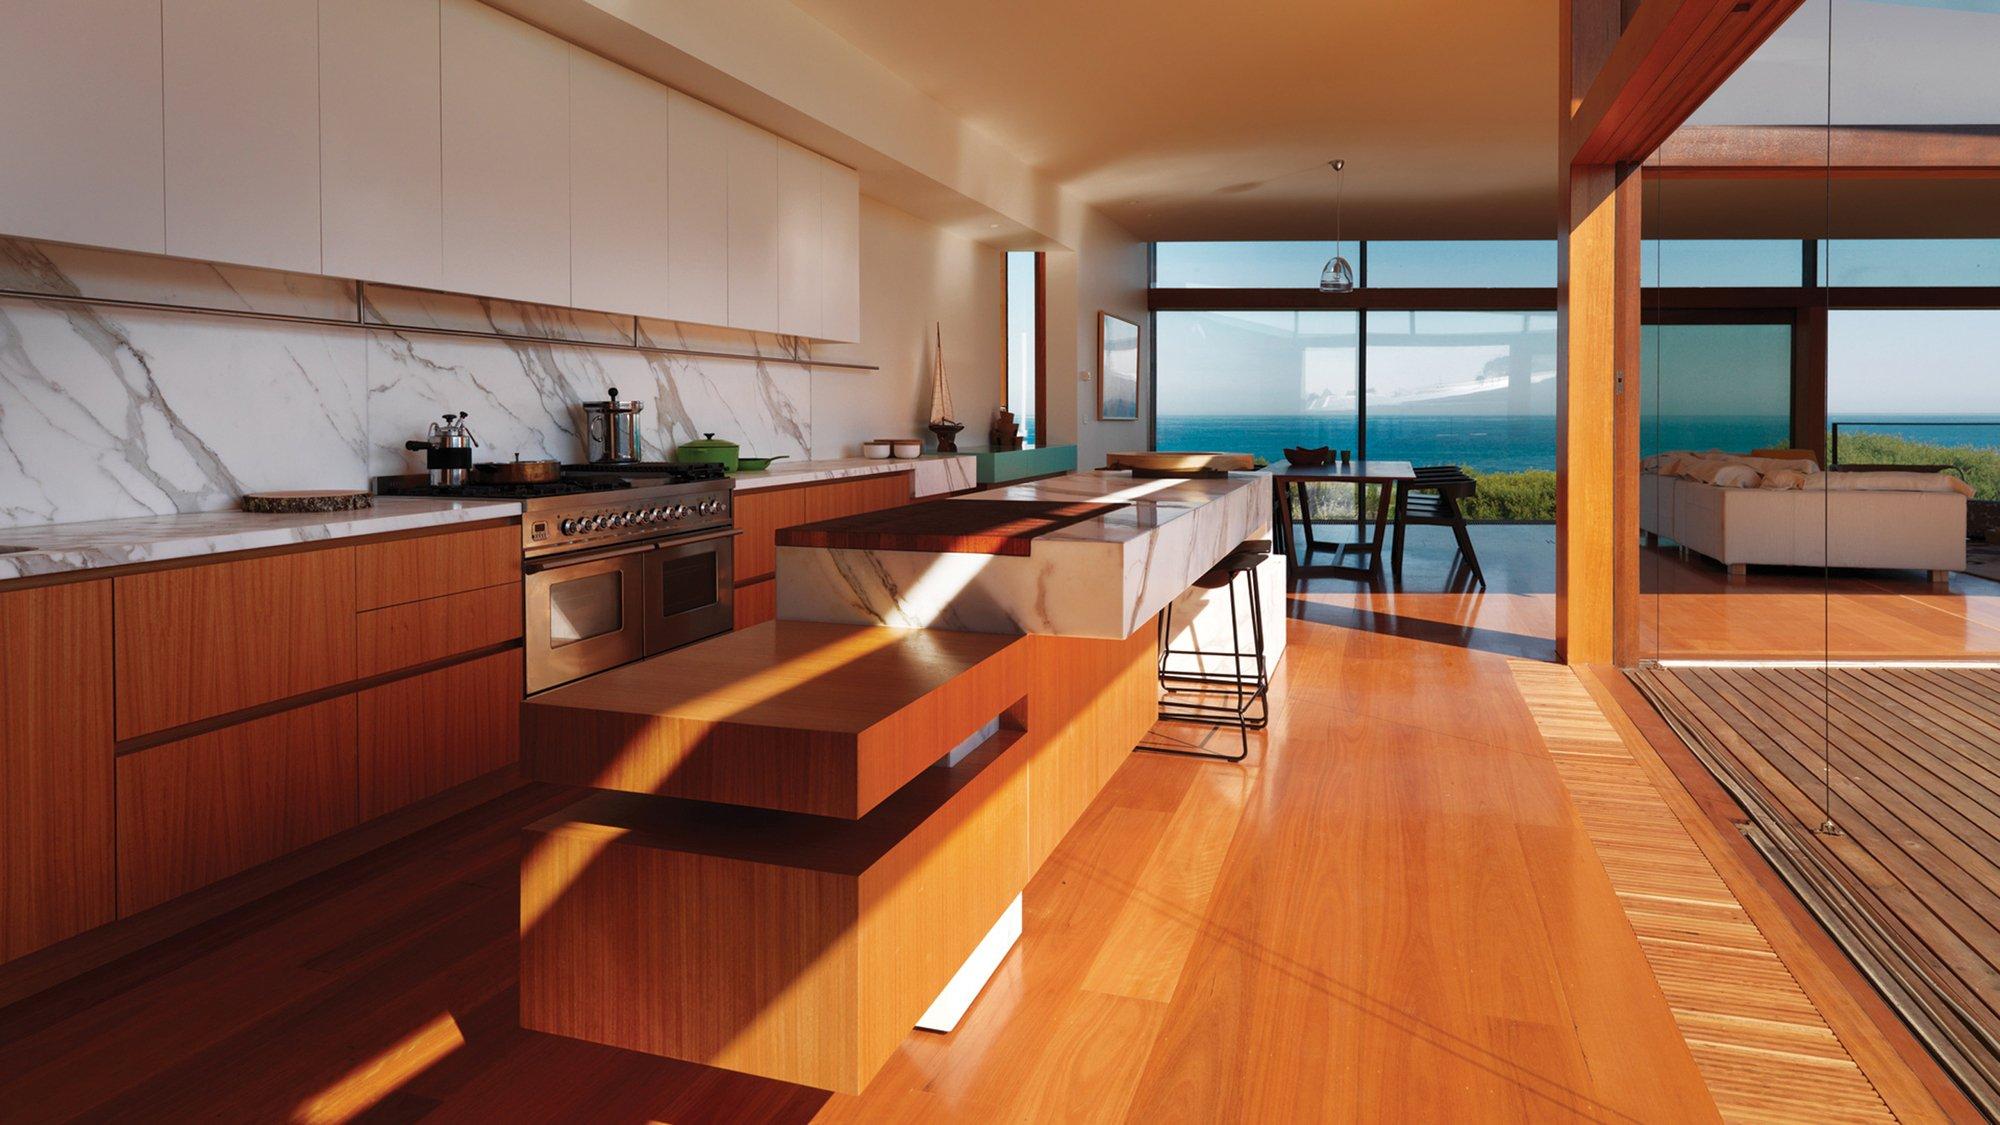 Интерьер кухня стол стулья шкафы техника окно море hd обои д.